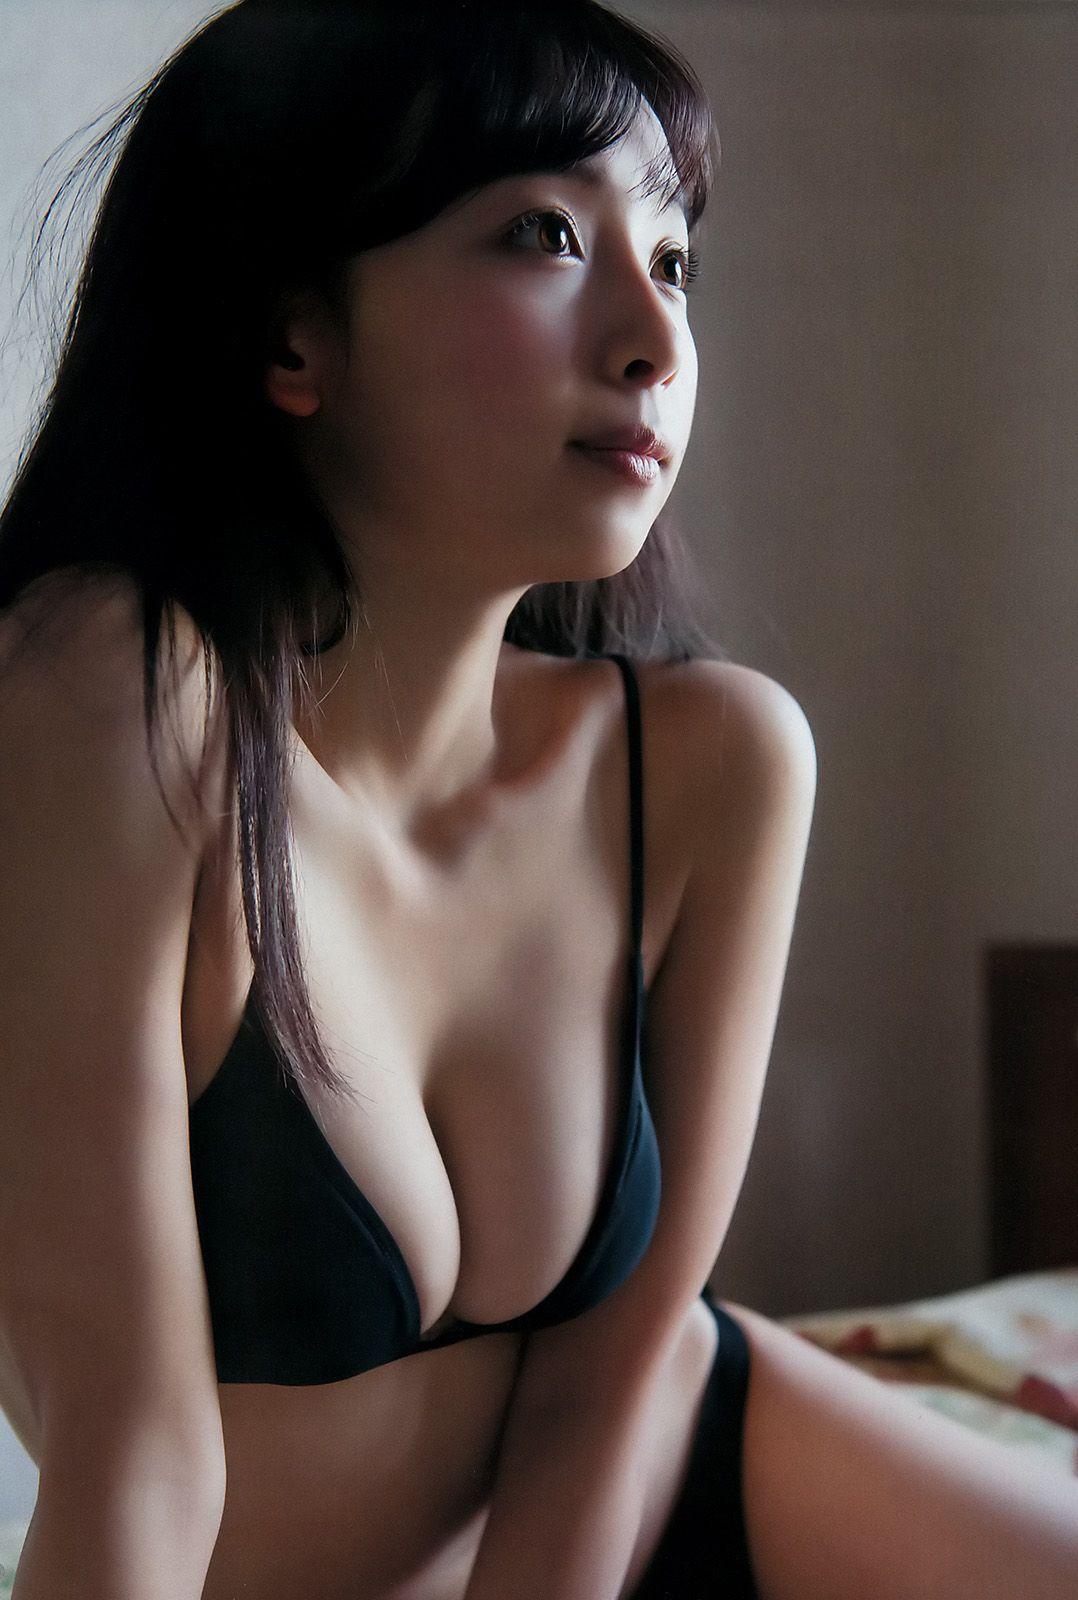 華村あすか (Asuka Hanamura) (Actress)